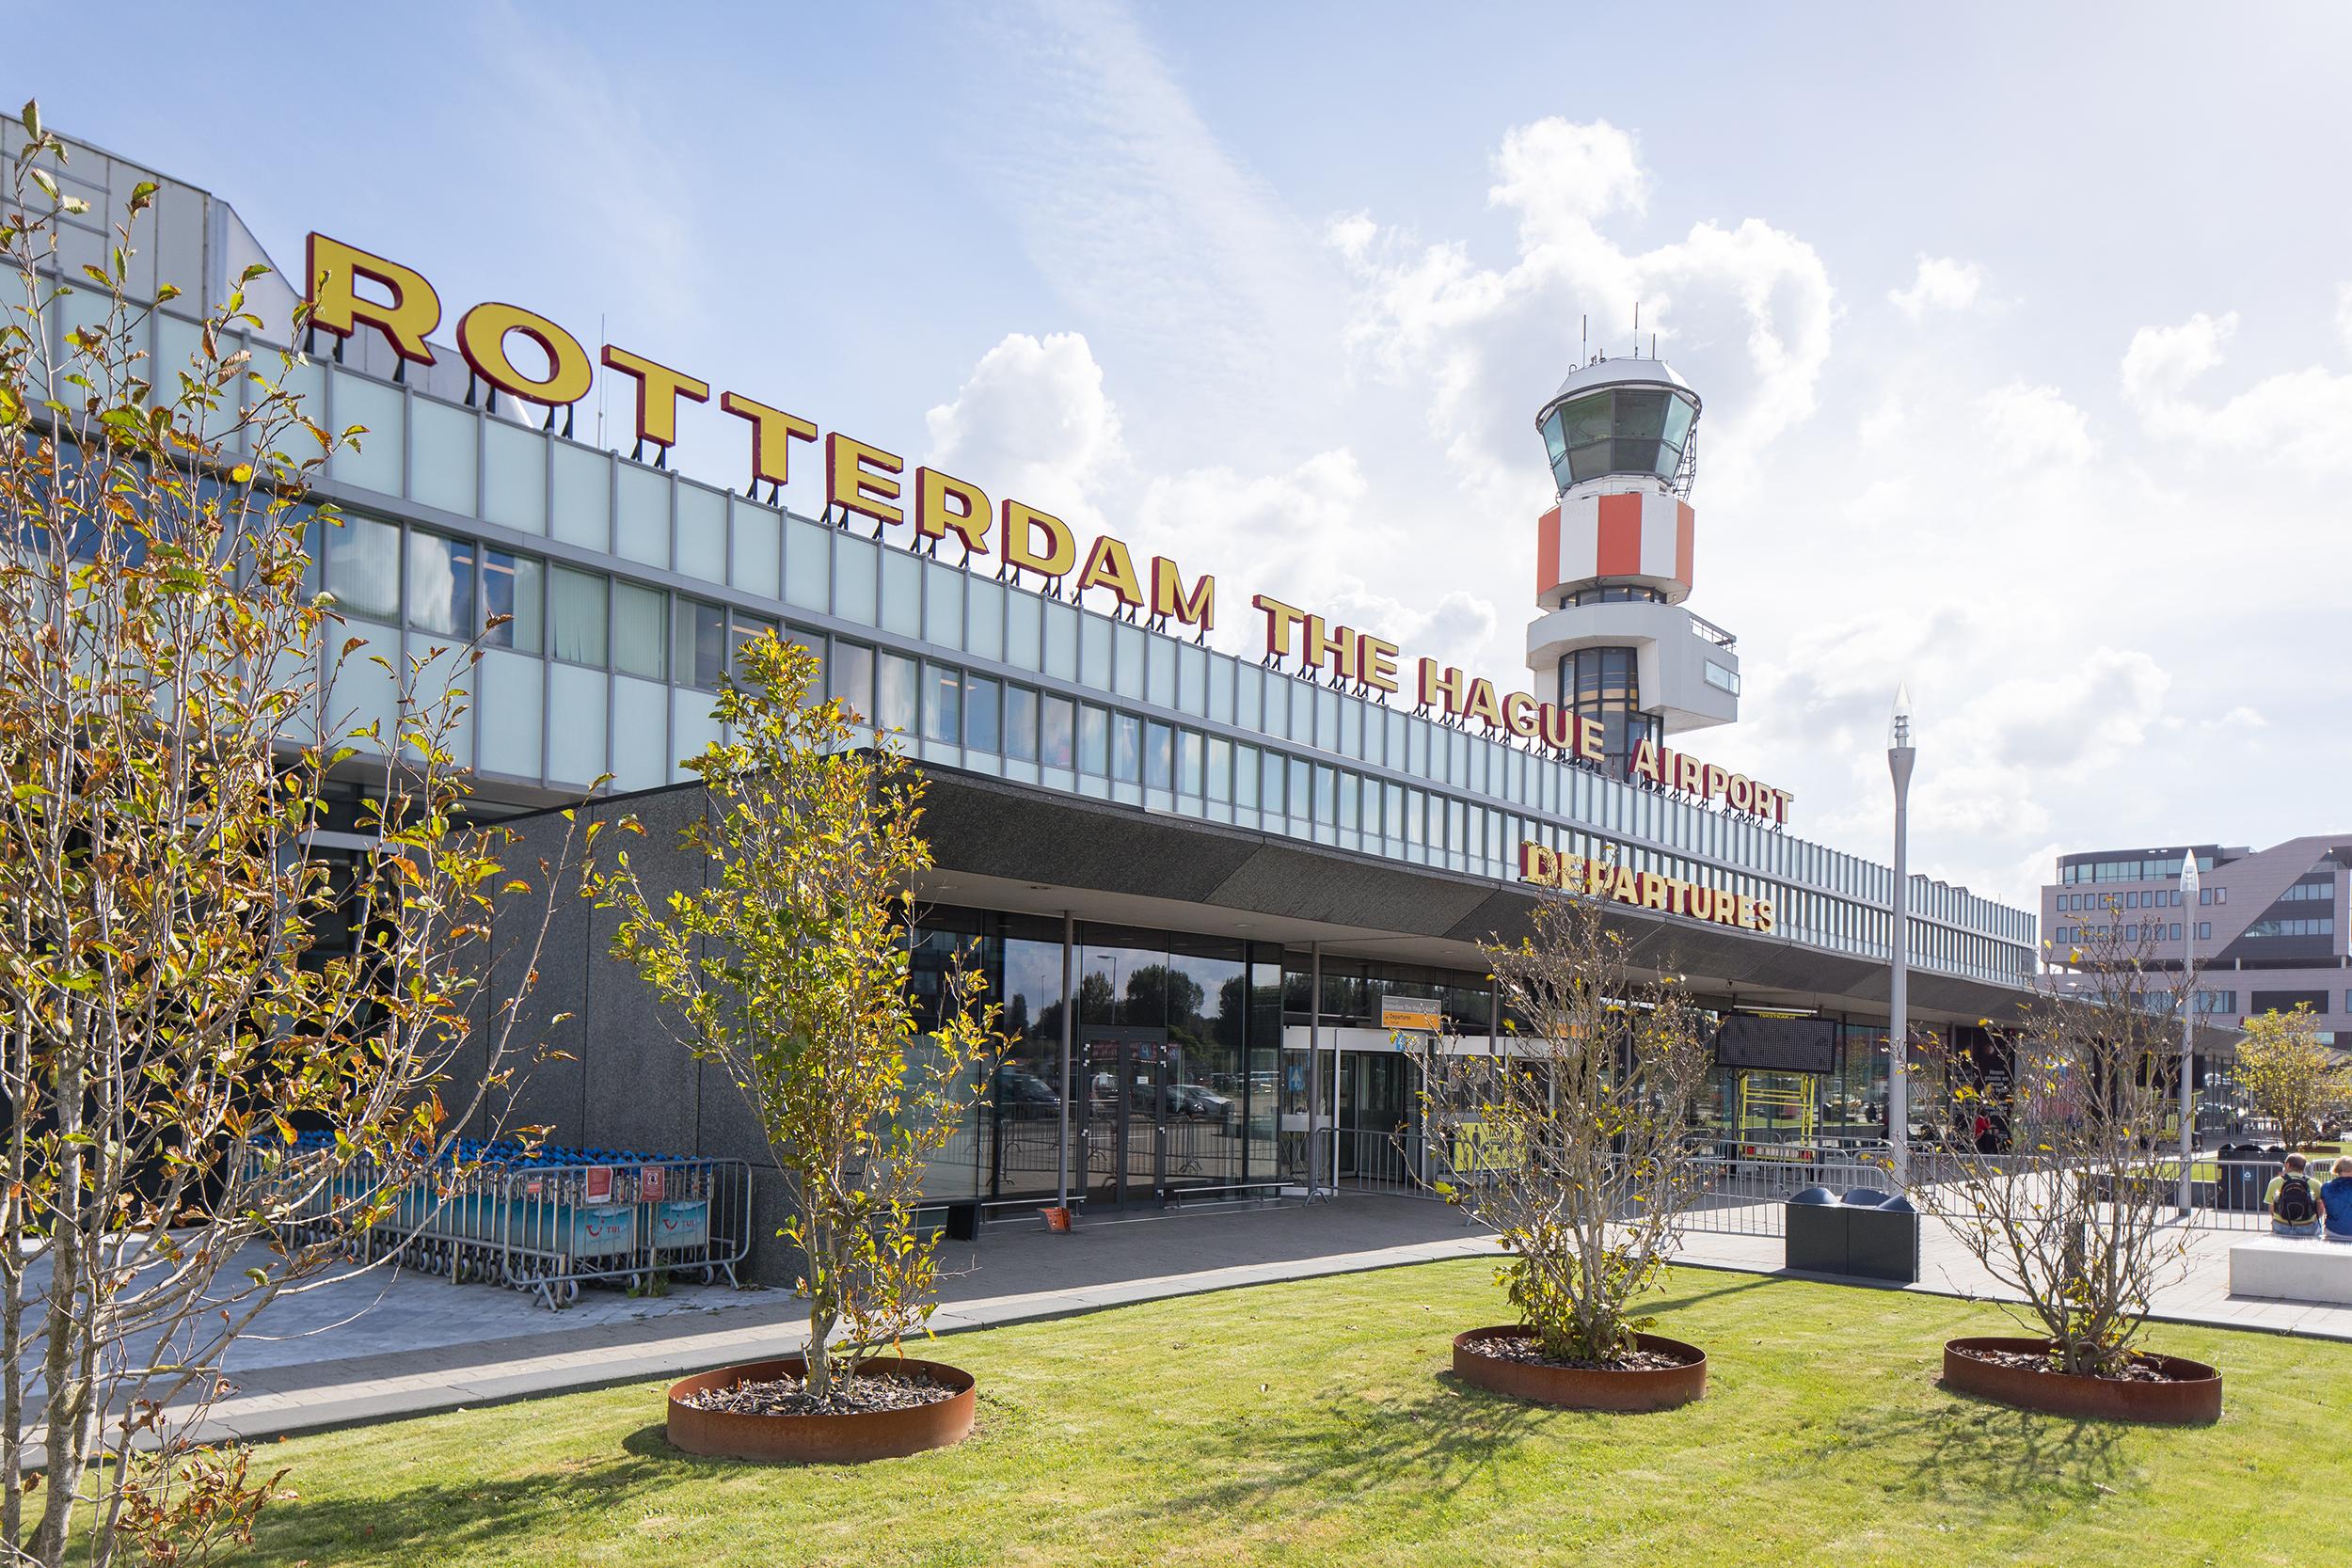 Luchthavenbesluit: Een helder proces